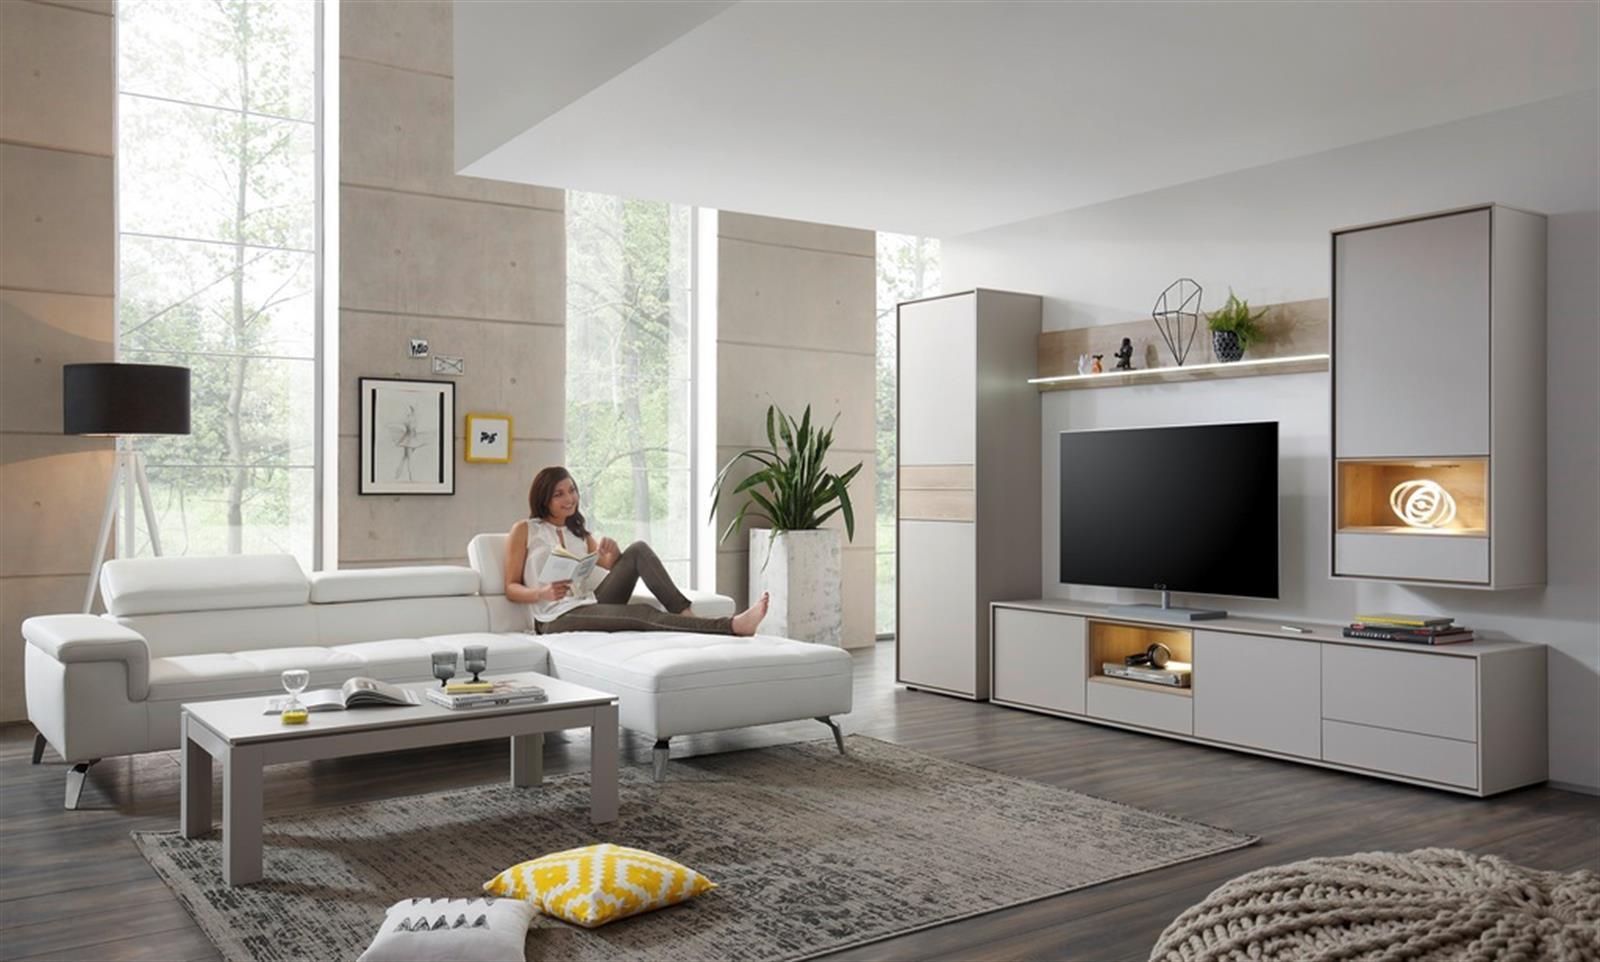 conforama ventilateur mat riel pour commerce editus. Black Bedroom Furniture Sets. Home Design Ideas